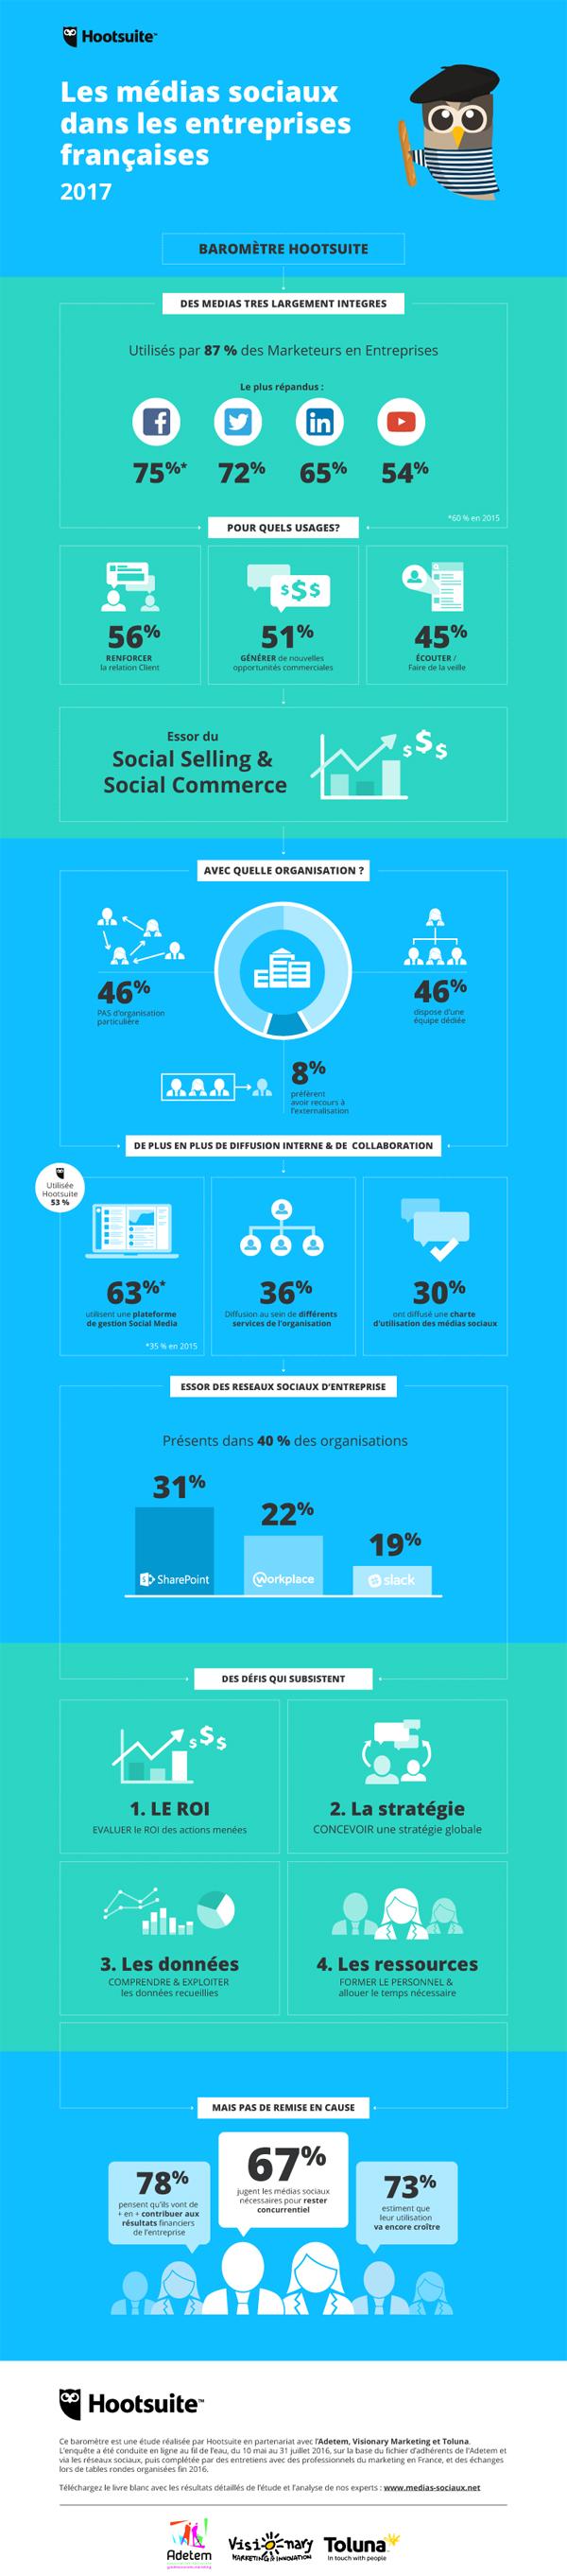 Community Management dans les entreprises en France : où en est-on en 2017 ? Infographie.